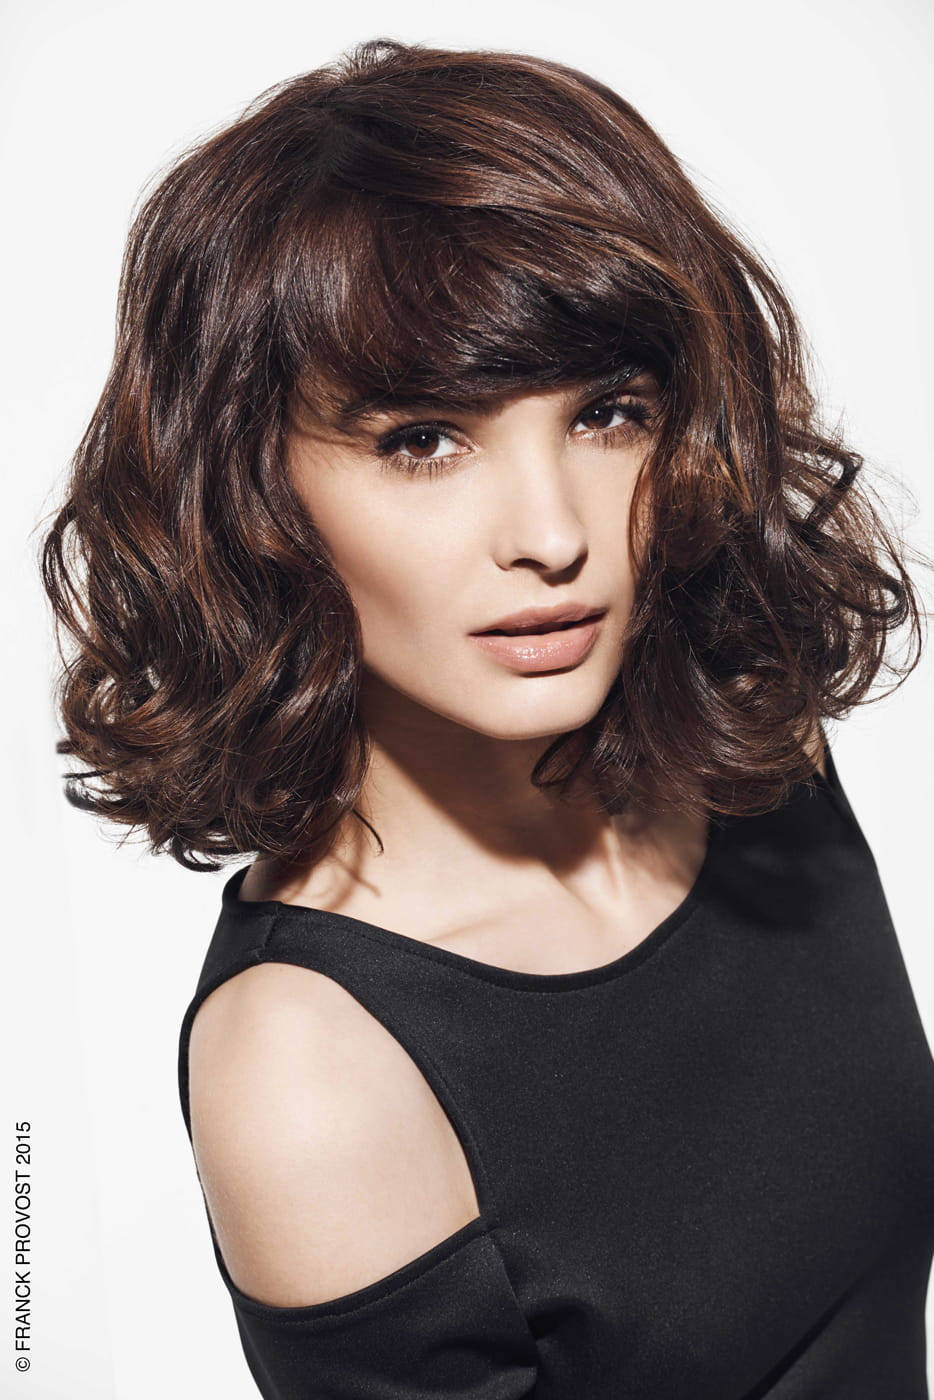 Le carr aux paules id es pour cheveux boucl s journal des femmes - Le journale des femmes ...